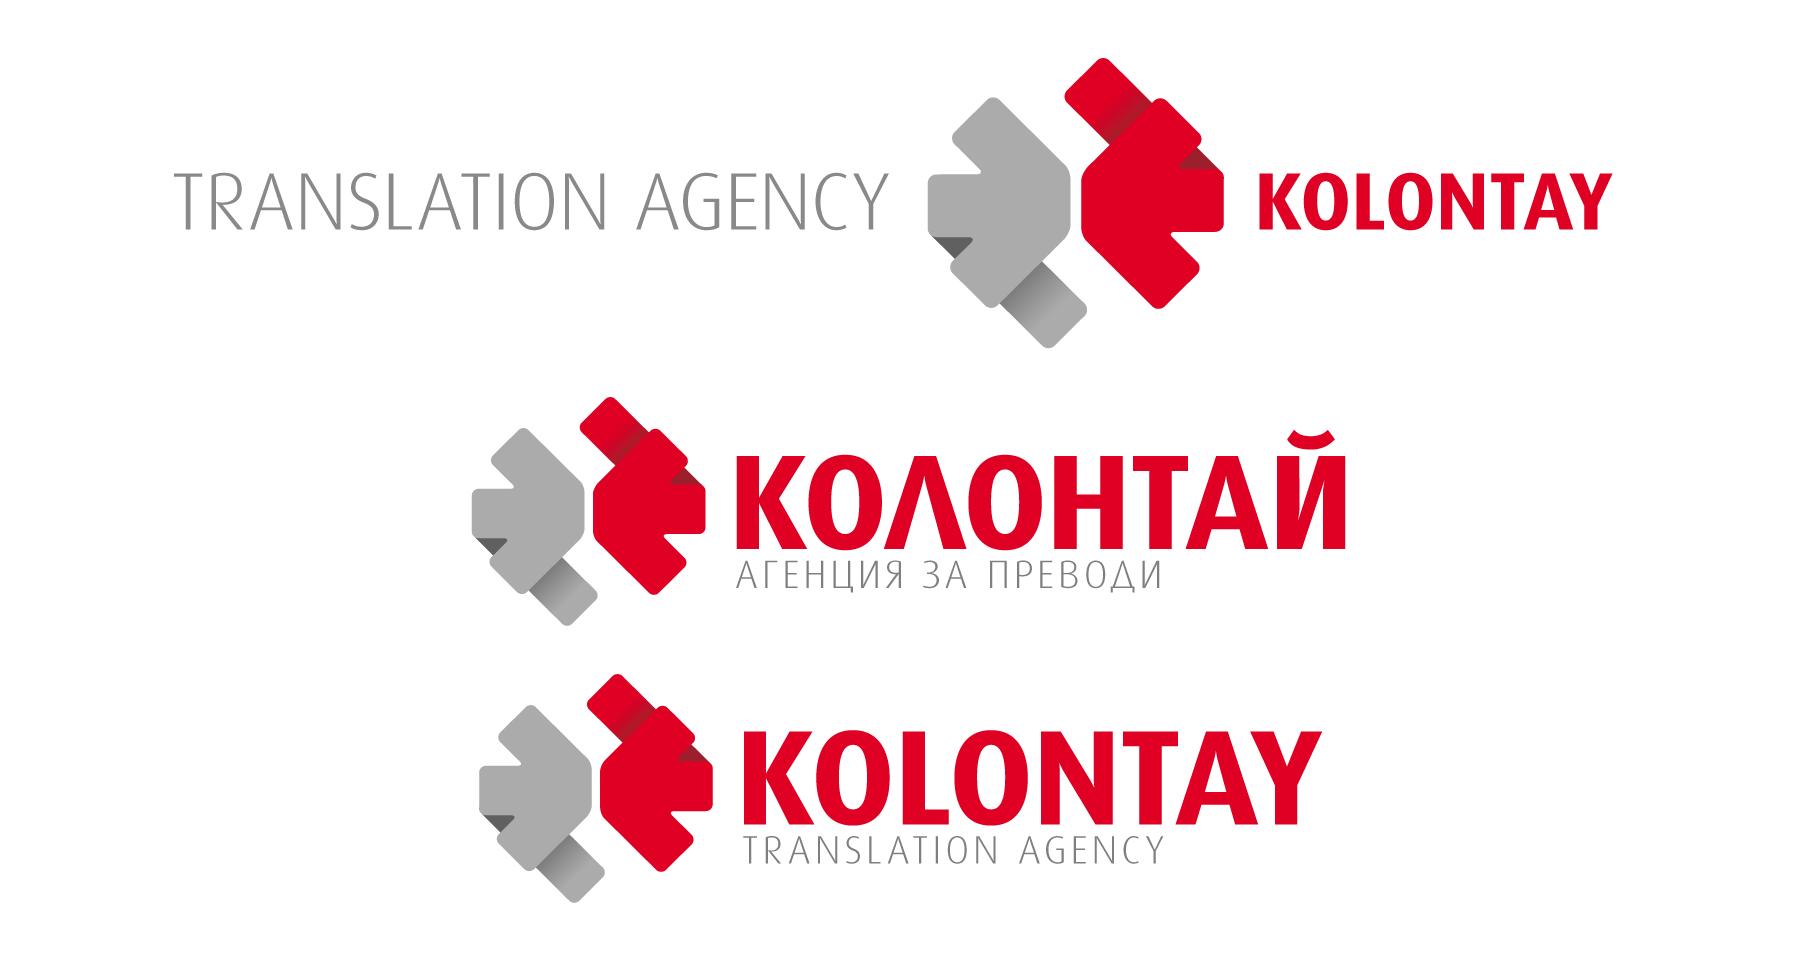 Алтернативна композиция. Латиница и кирилица.